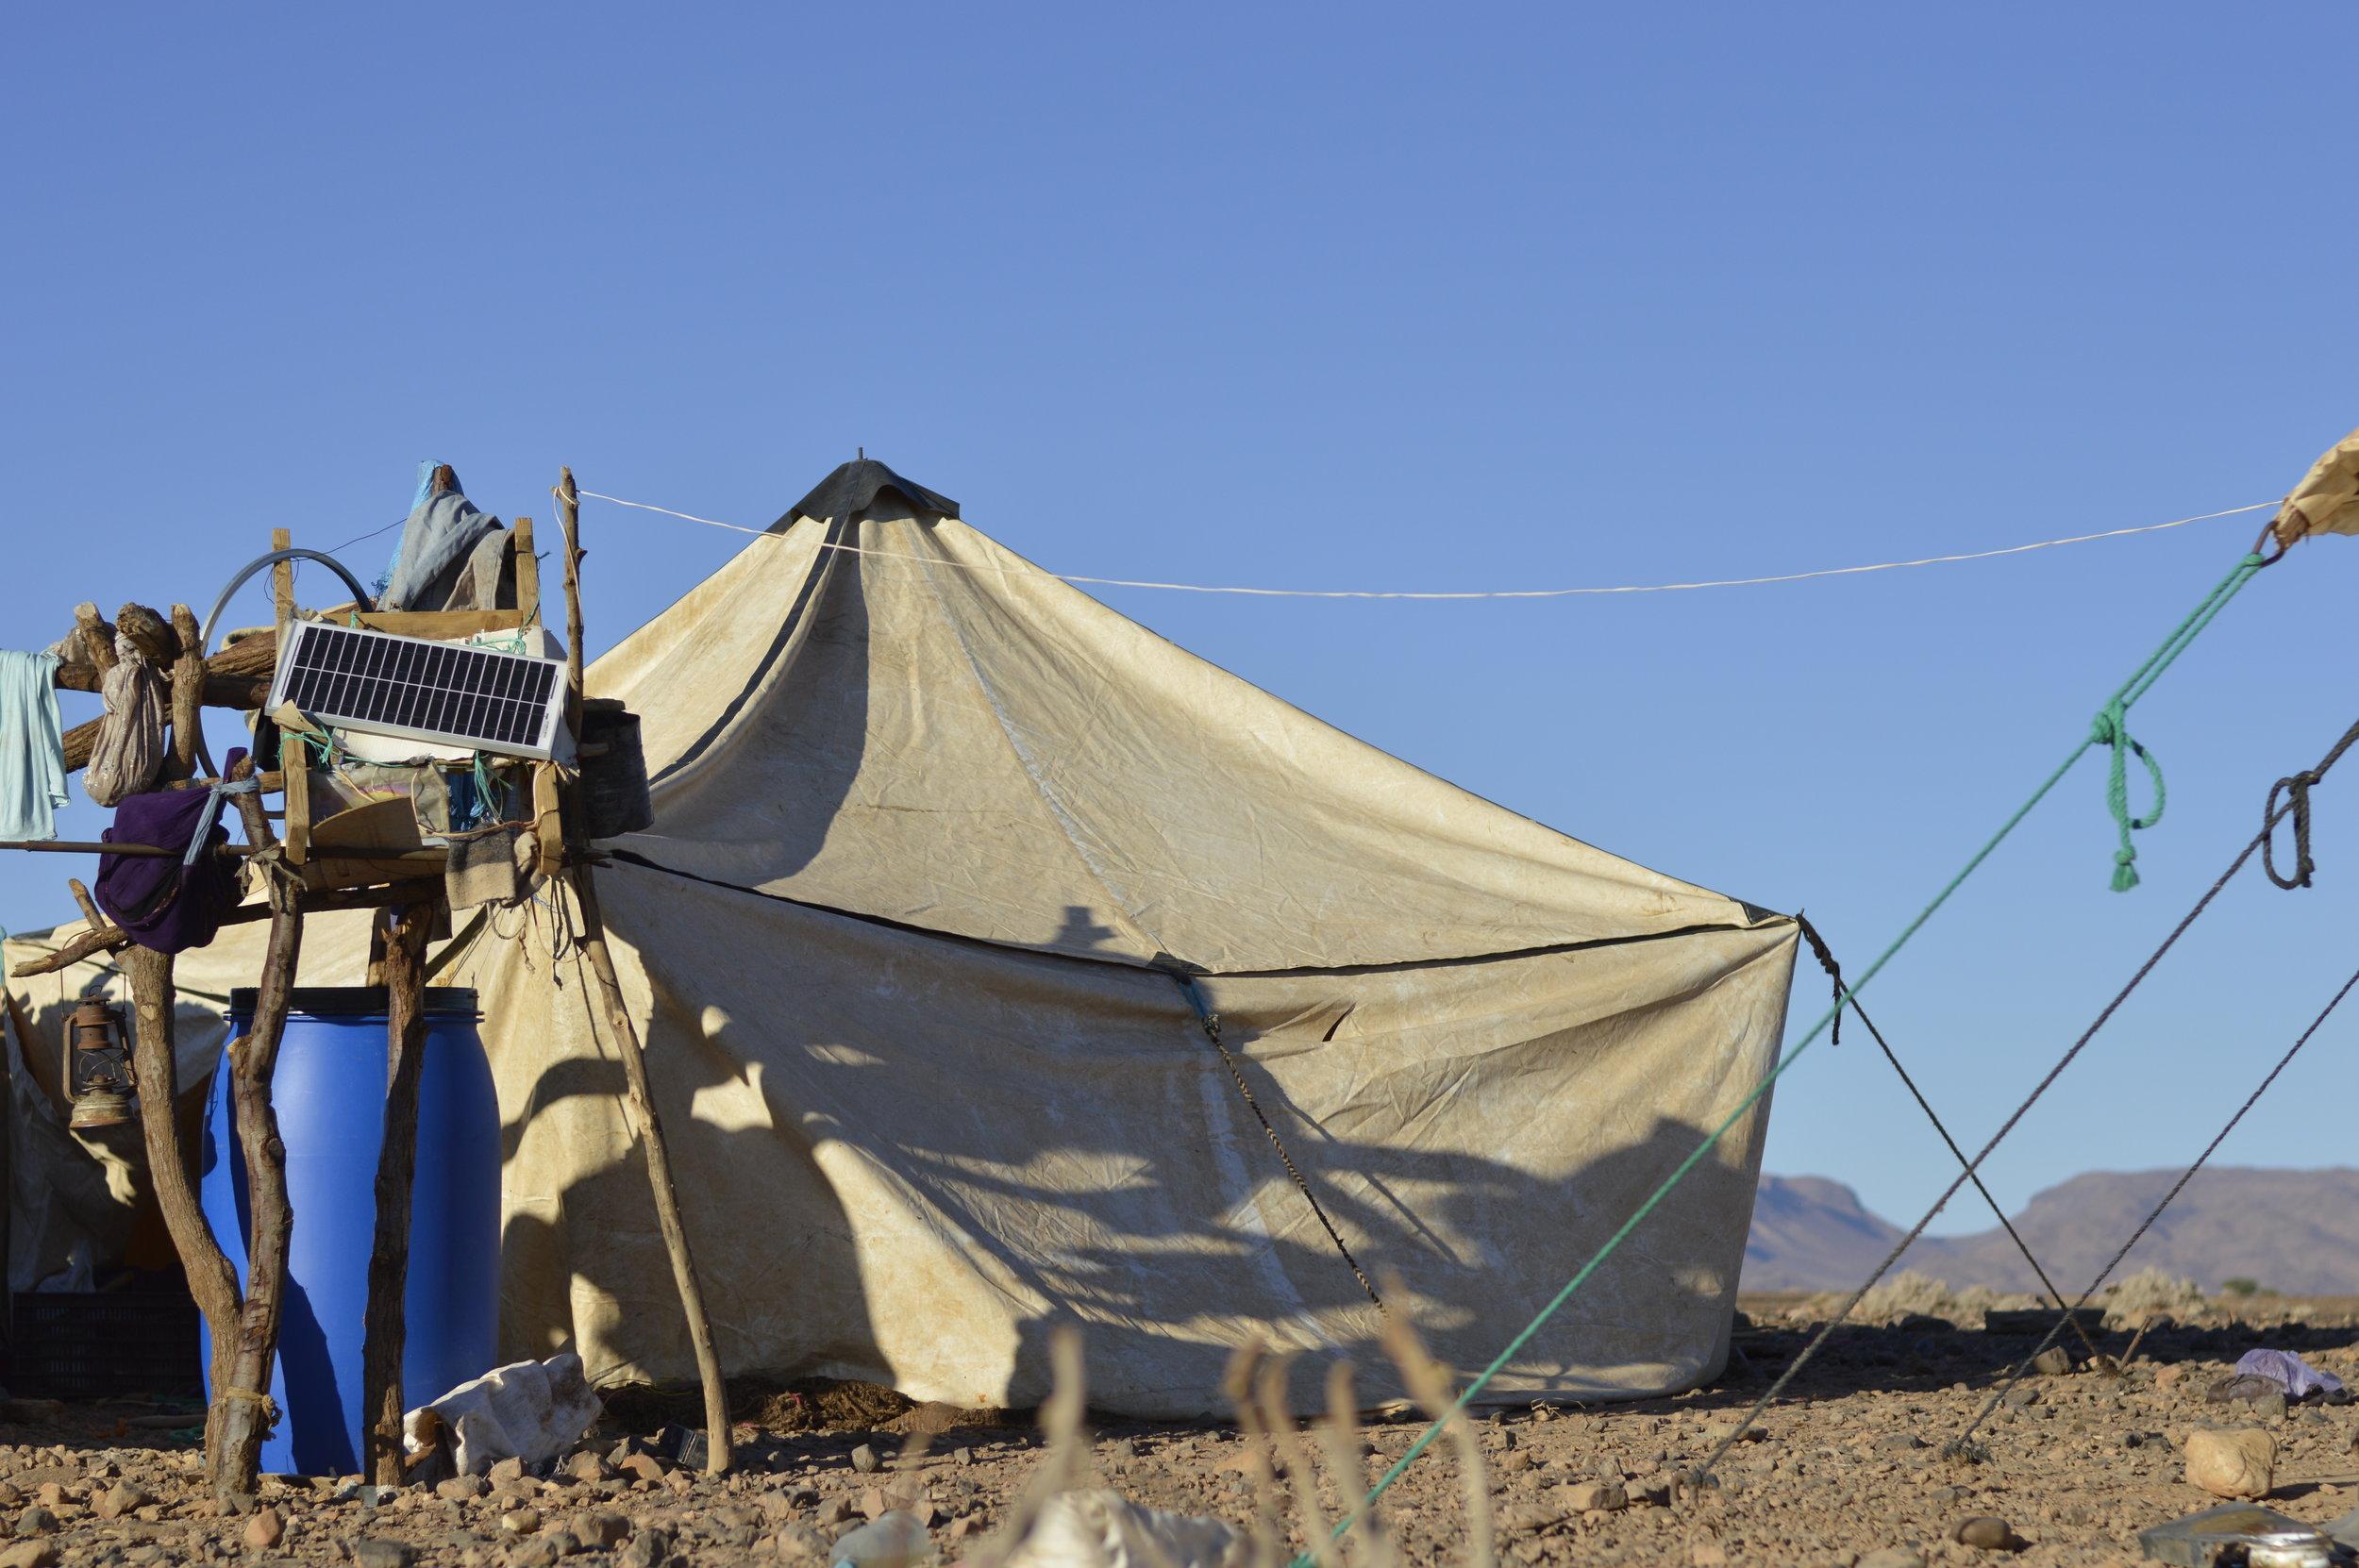 Sahara Desert, Morocco - November 2016 - Sophie Bradley